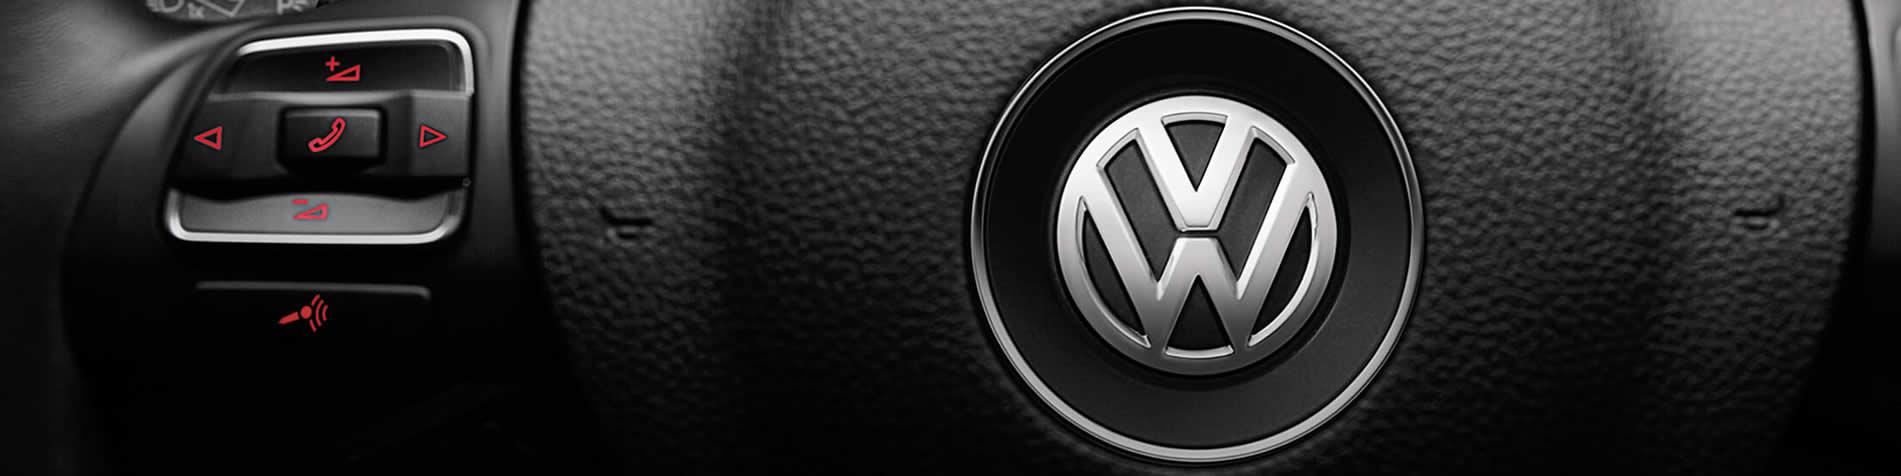 Auto Volkswagen aziendali